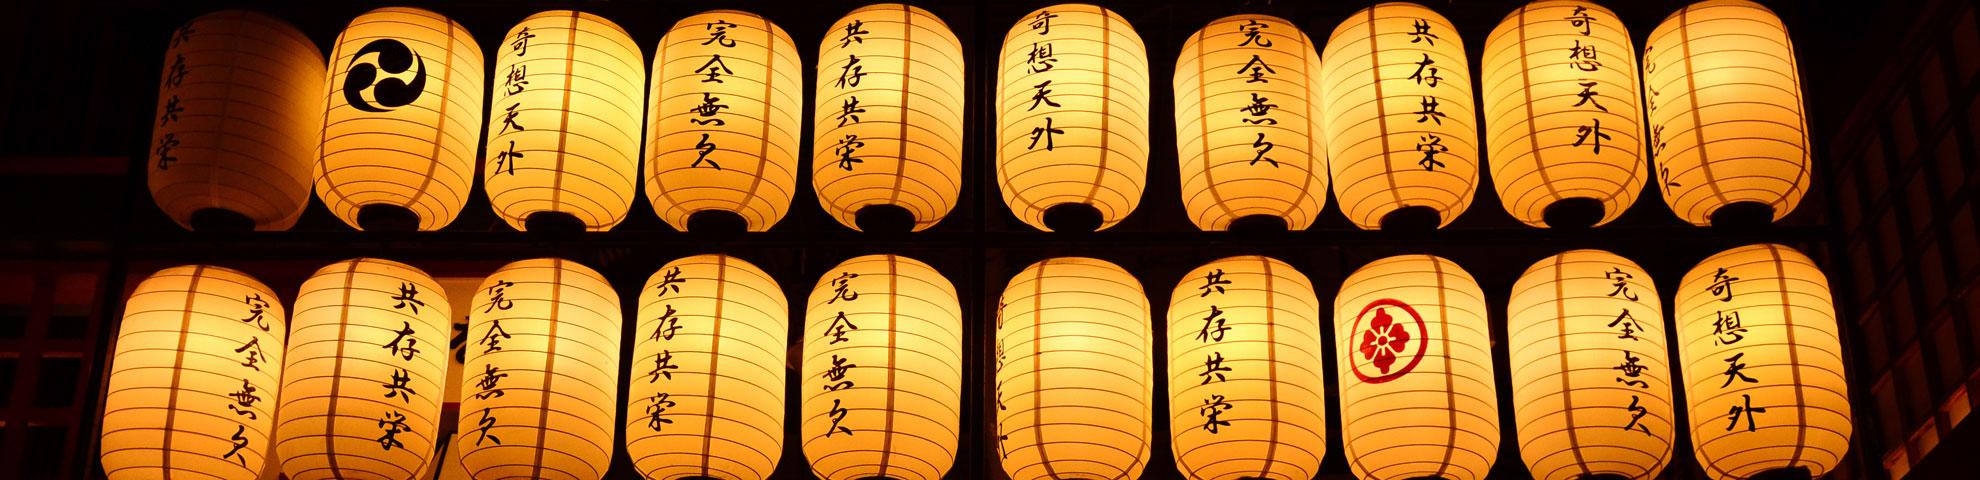 Festivités et jours fériés au Japon